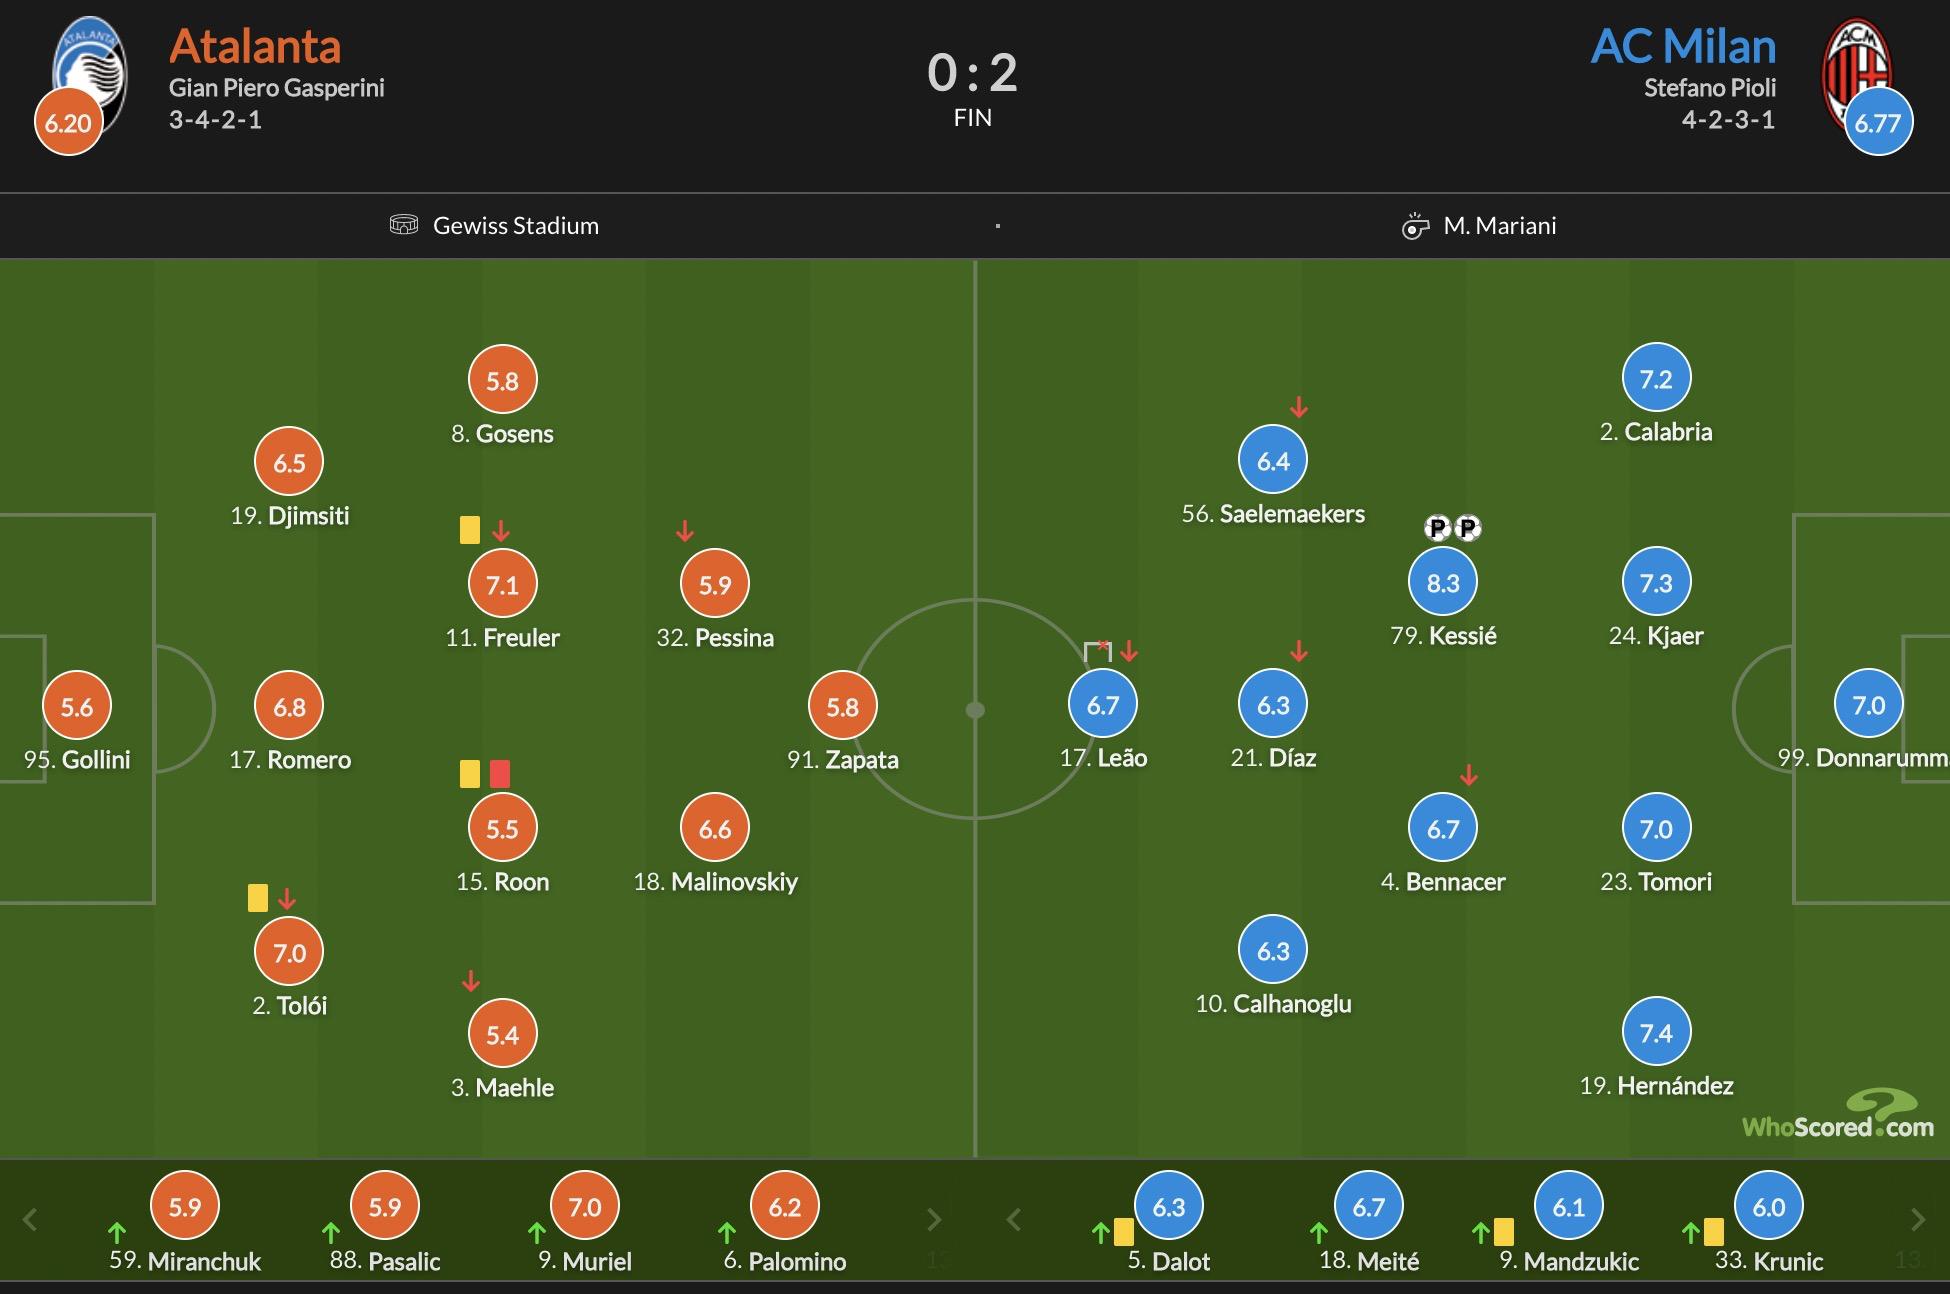 凯西点射双响,米兰客场2-0亚特兰大获联赛亚军+欧冠资格插图12